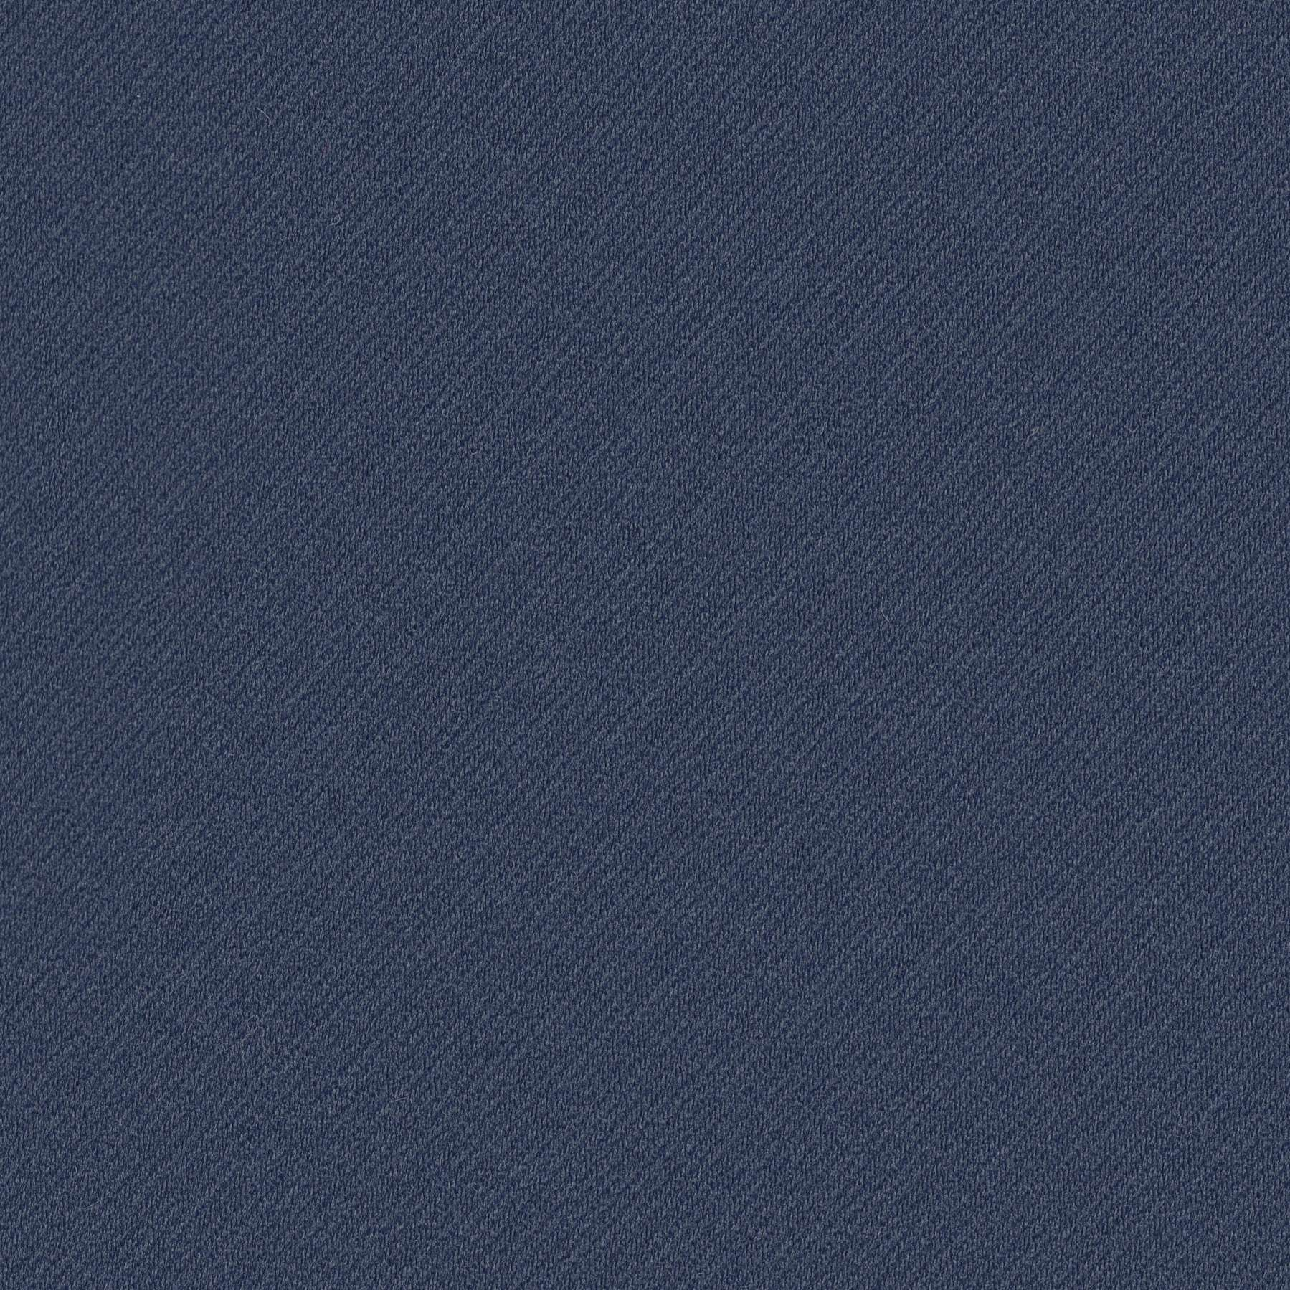 Blackout - zatemňujúca 269-16 V kolekcii Blackout - zatemňujúca, tkanina: 269-16